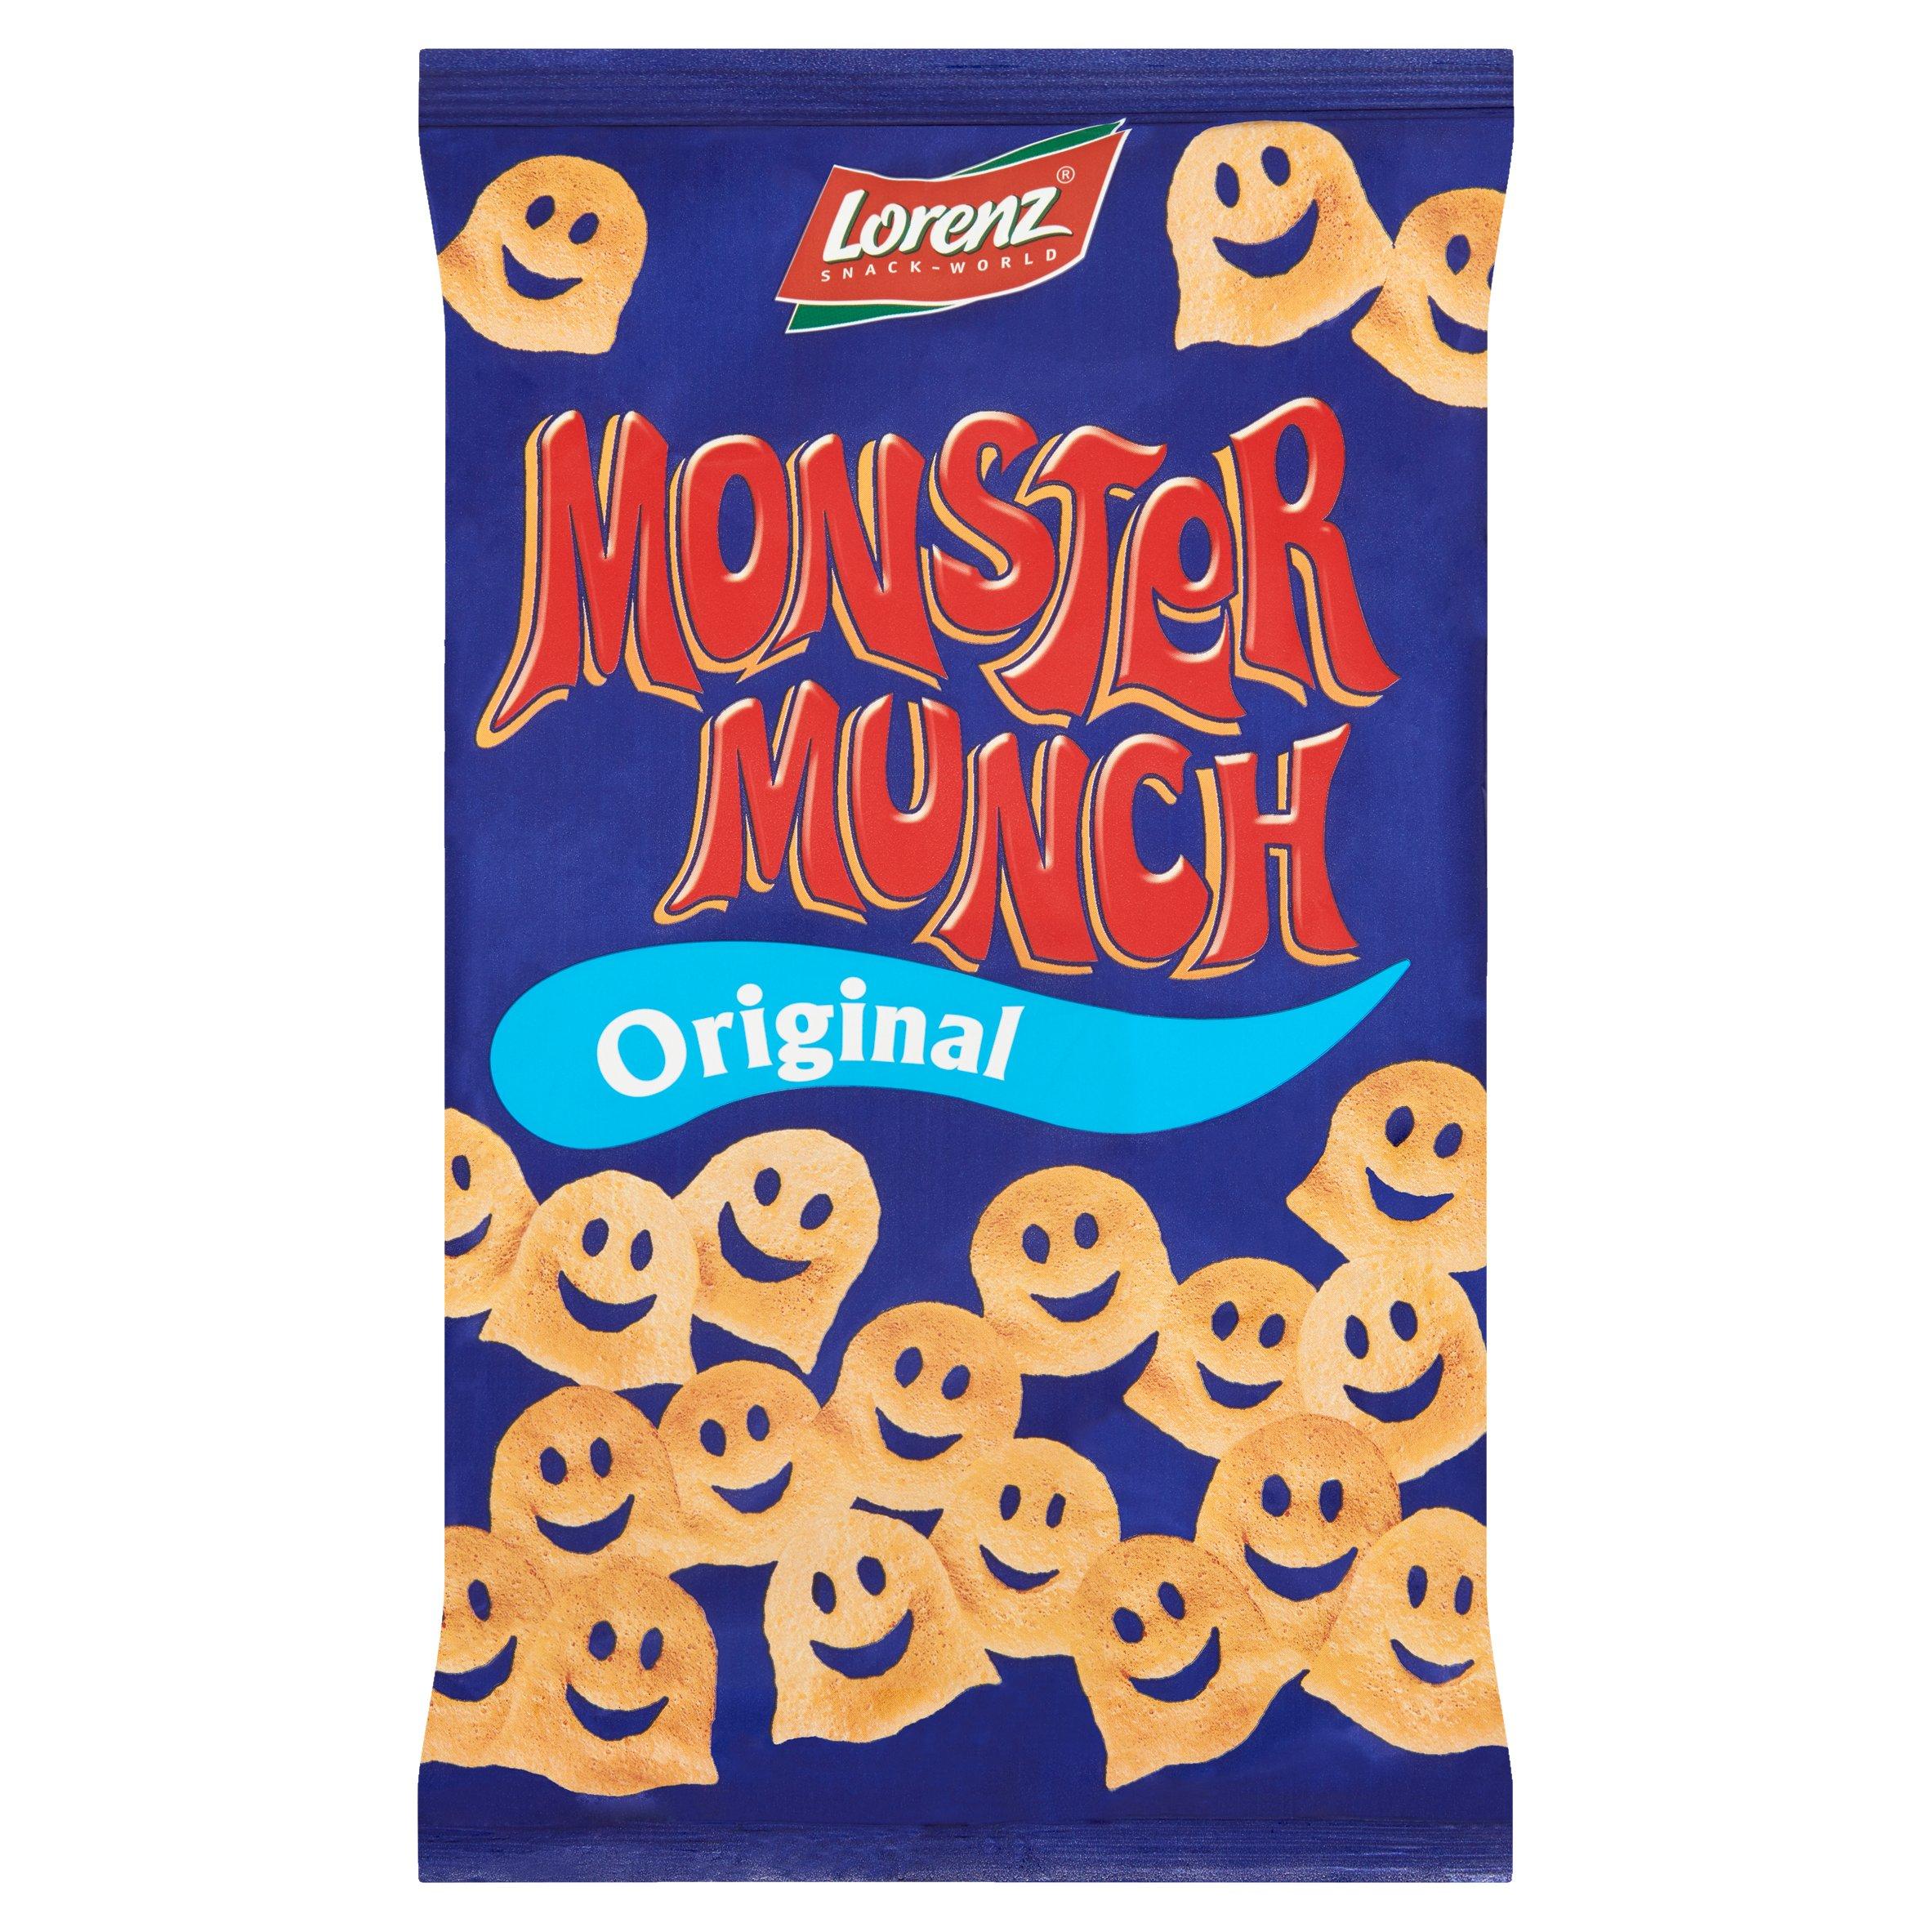 Monster Munch Original Chrupki ziemniaczane solone 50g (2)